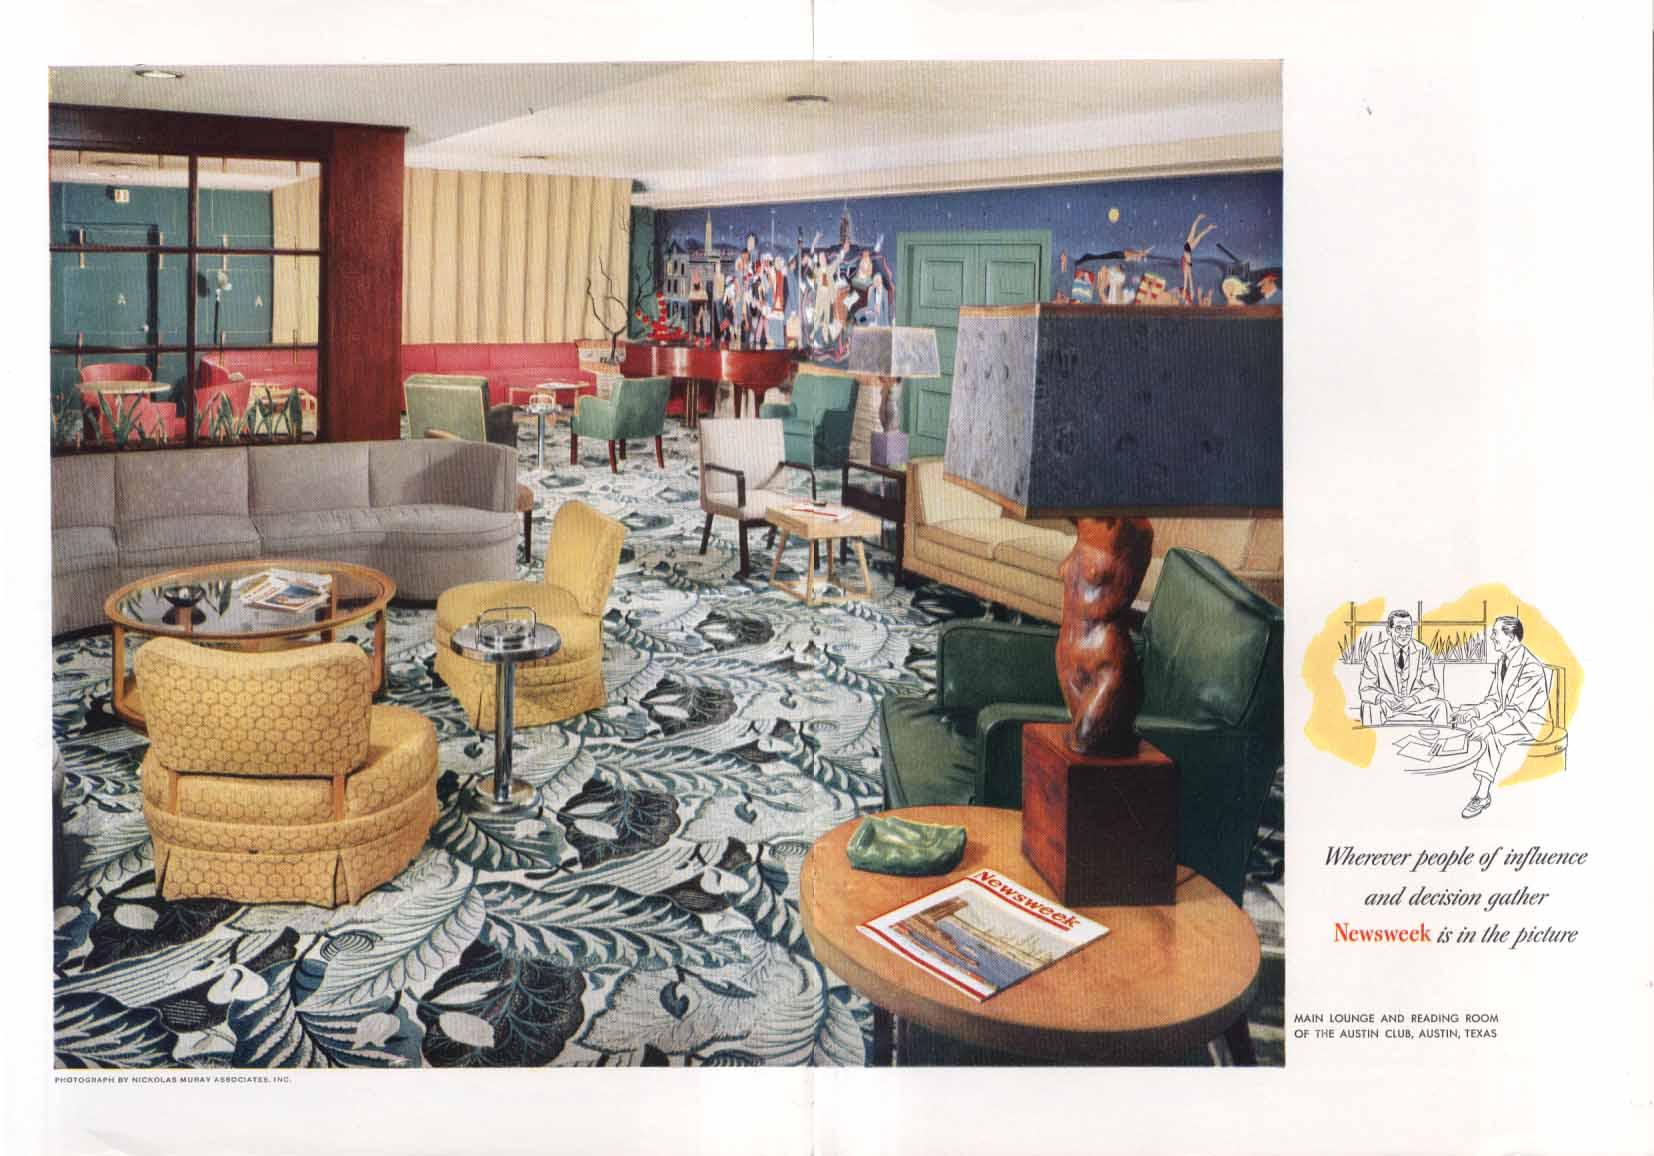 Newsweek at The Austin Club Austin TX ad 1953 Muray